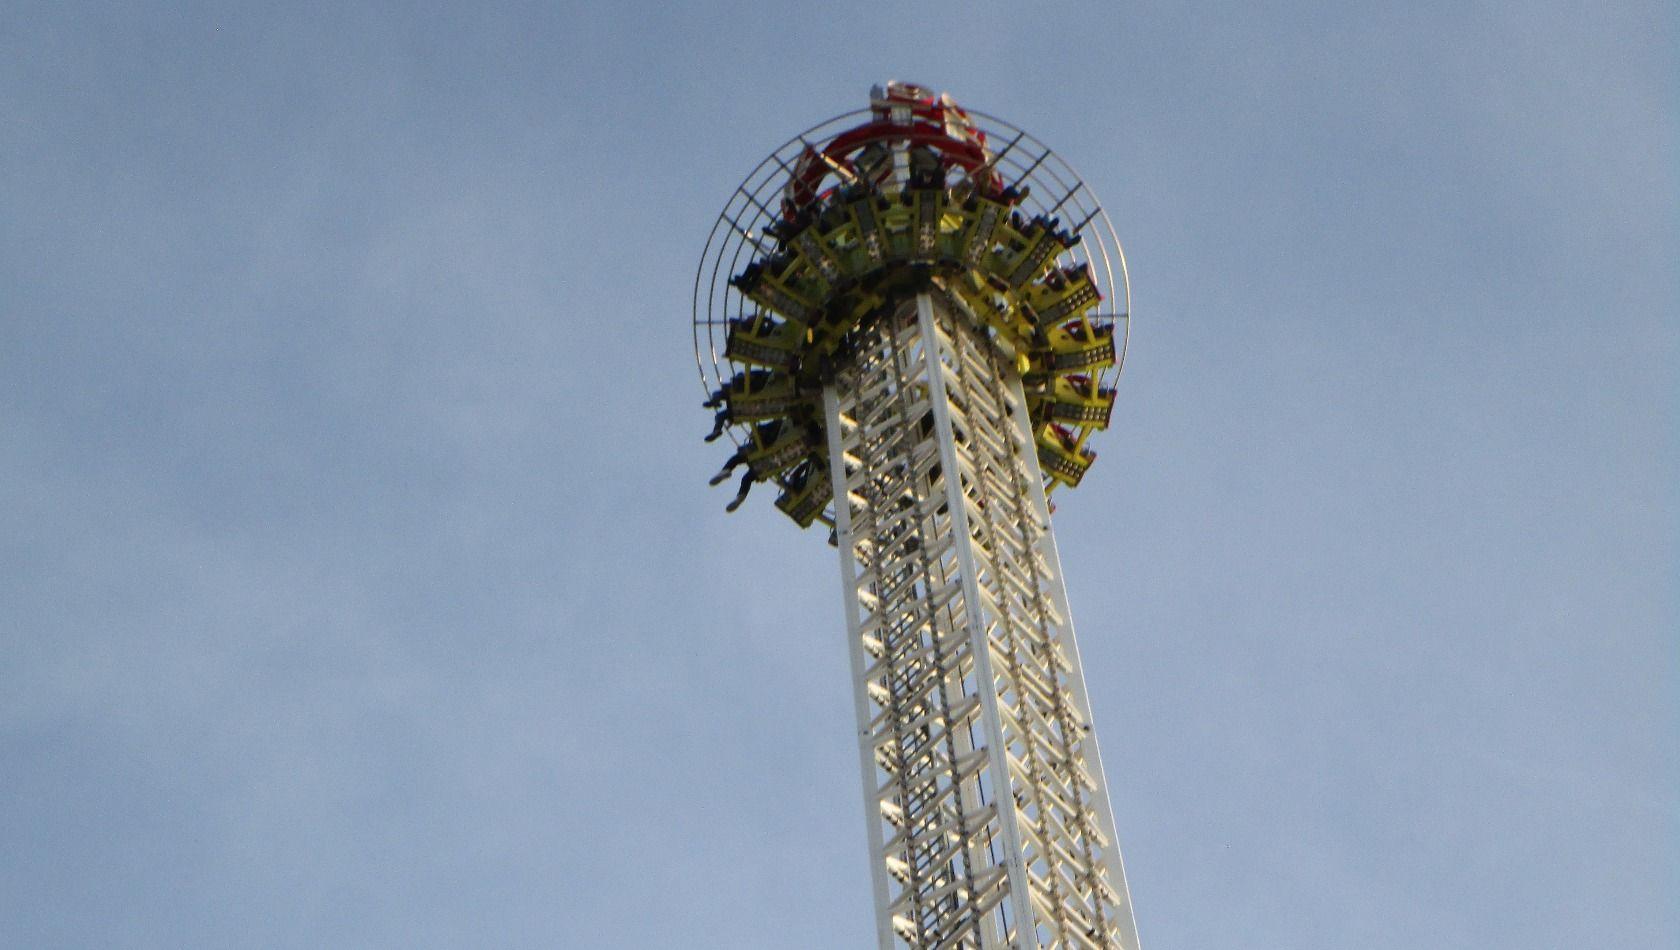 Der 'Wiener Freifallturm' ist nach dem Kettenkarussell 'Prater Turm' das zweithöchste Fahrgeschäft im Wiener Prater | Bild Copyright Christian Ohrens, Parkerlebnis